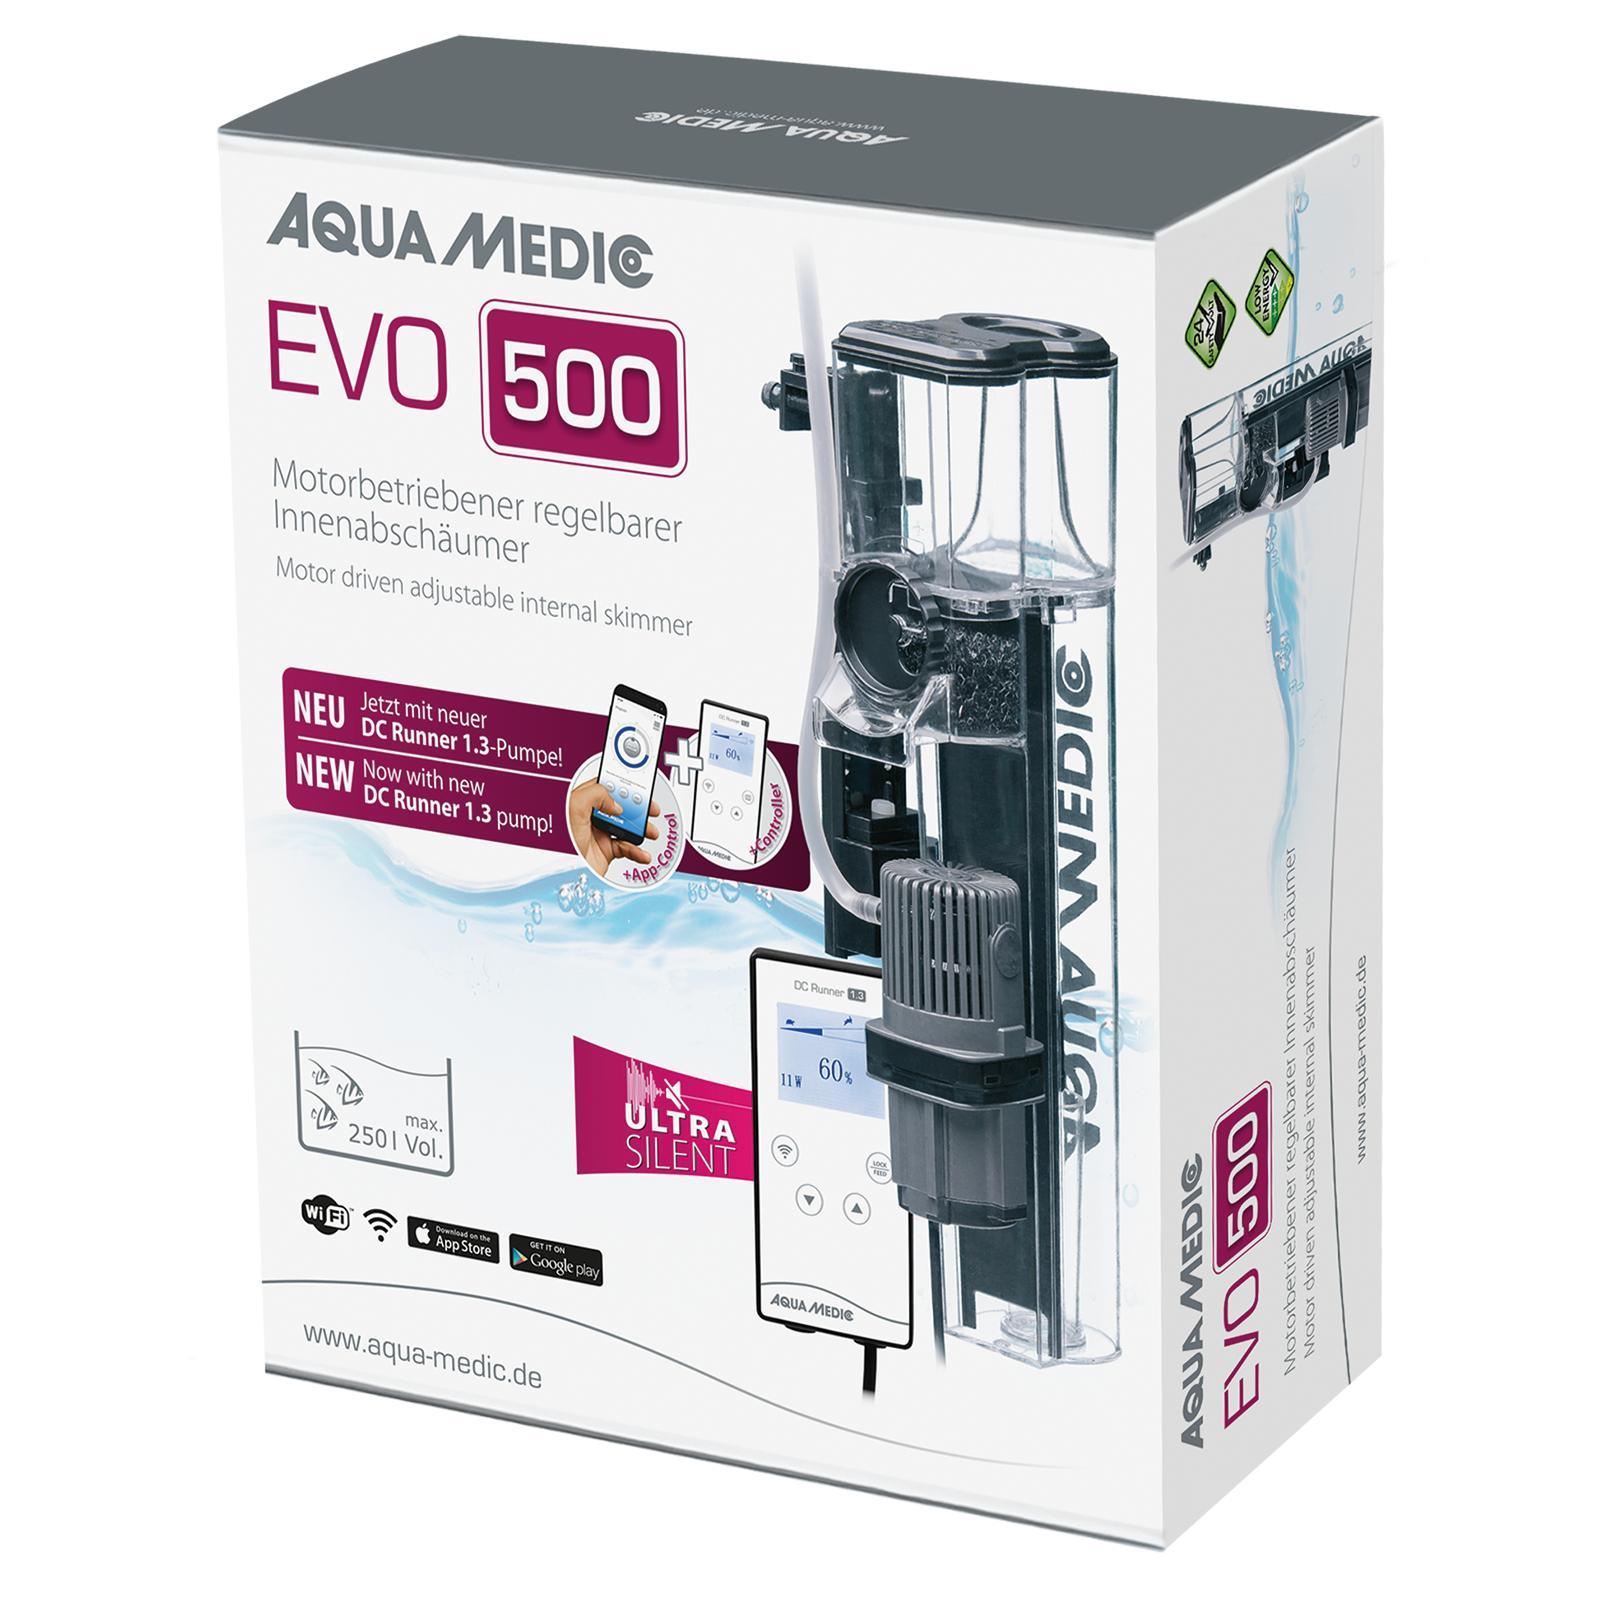 AQUA MEDIC EVO 500 DC Runner 1.3 écumeur interne pour aquarium jusqu\'à 250 L